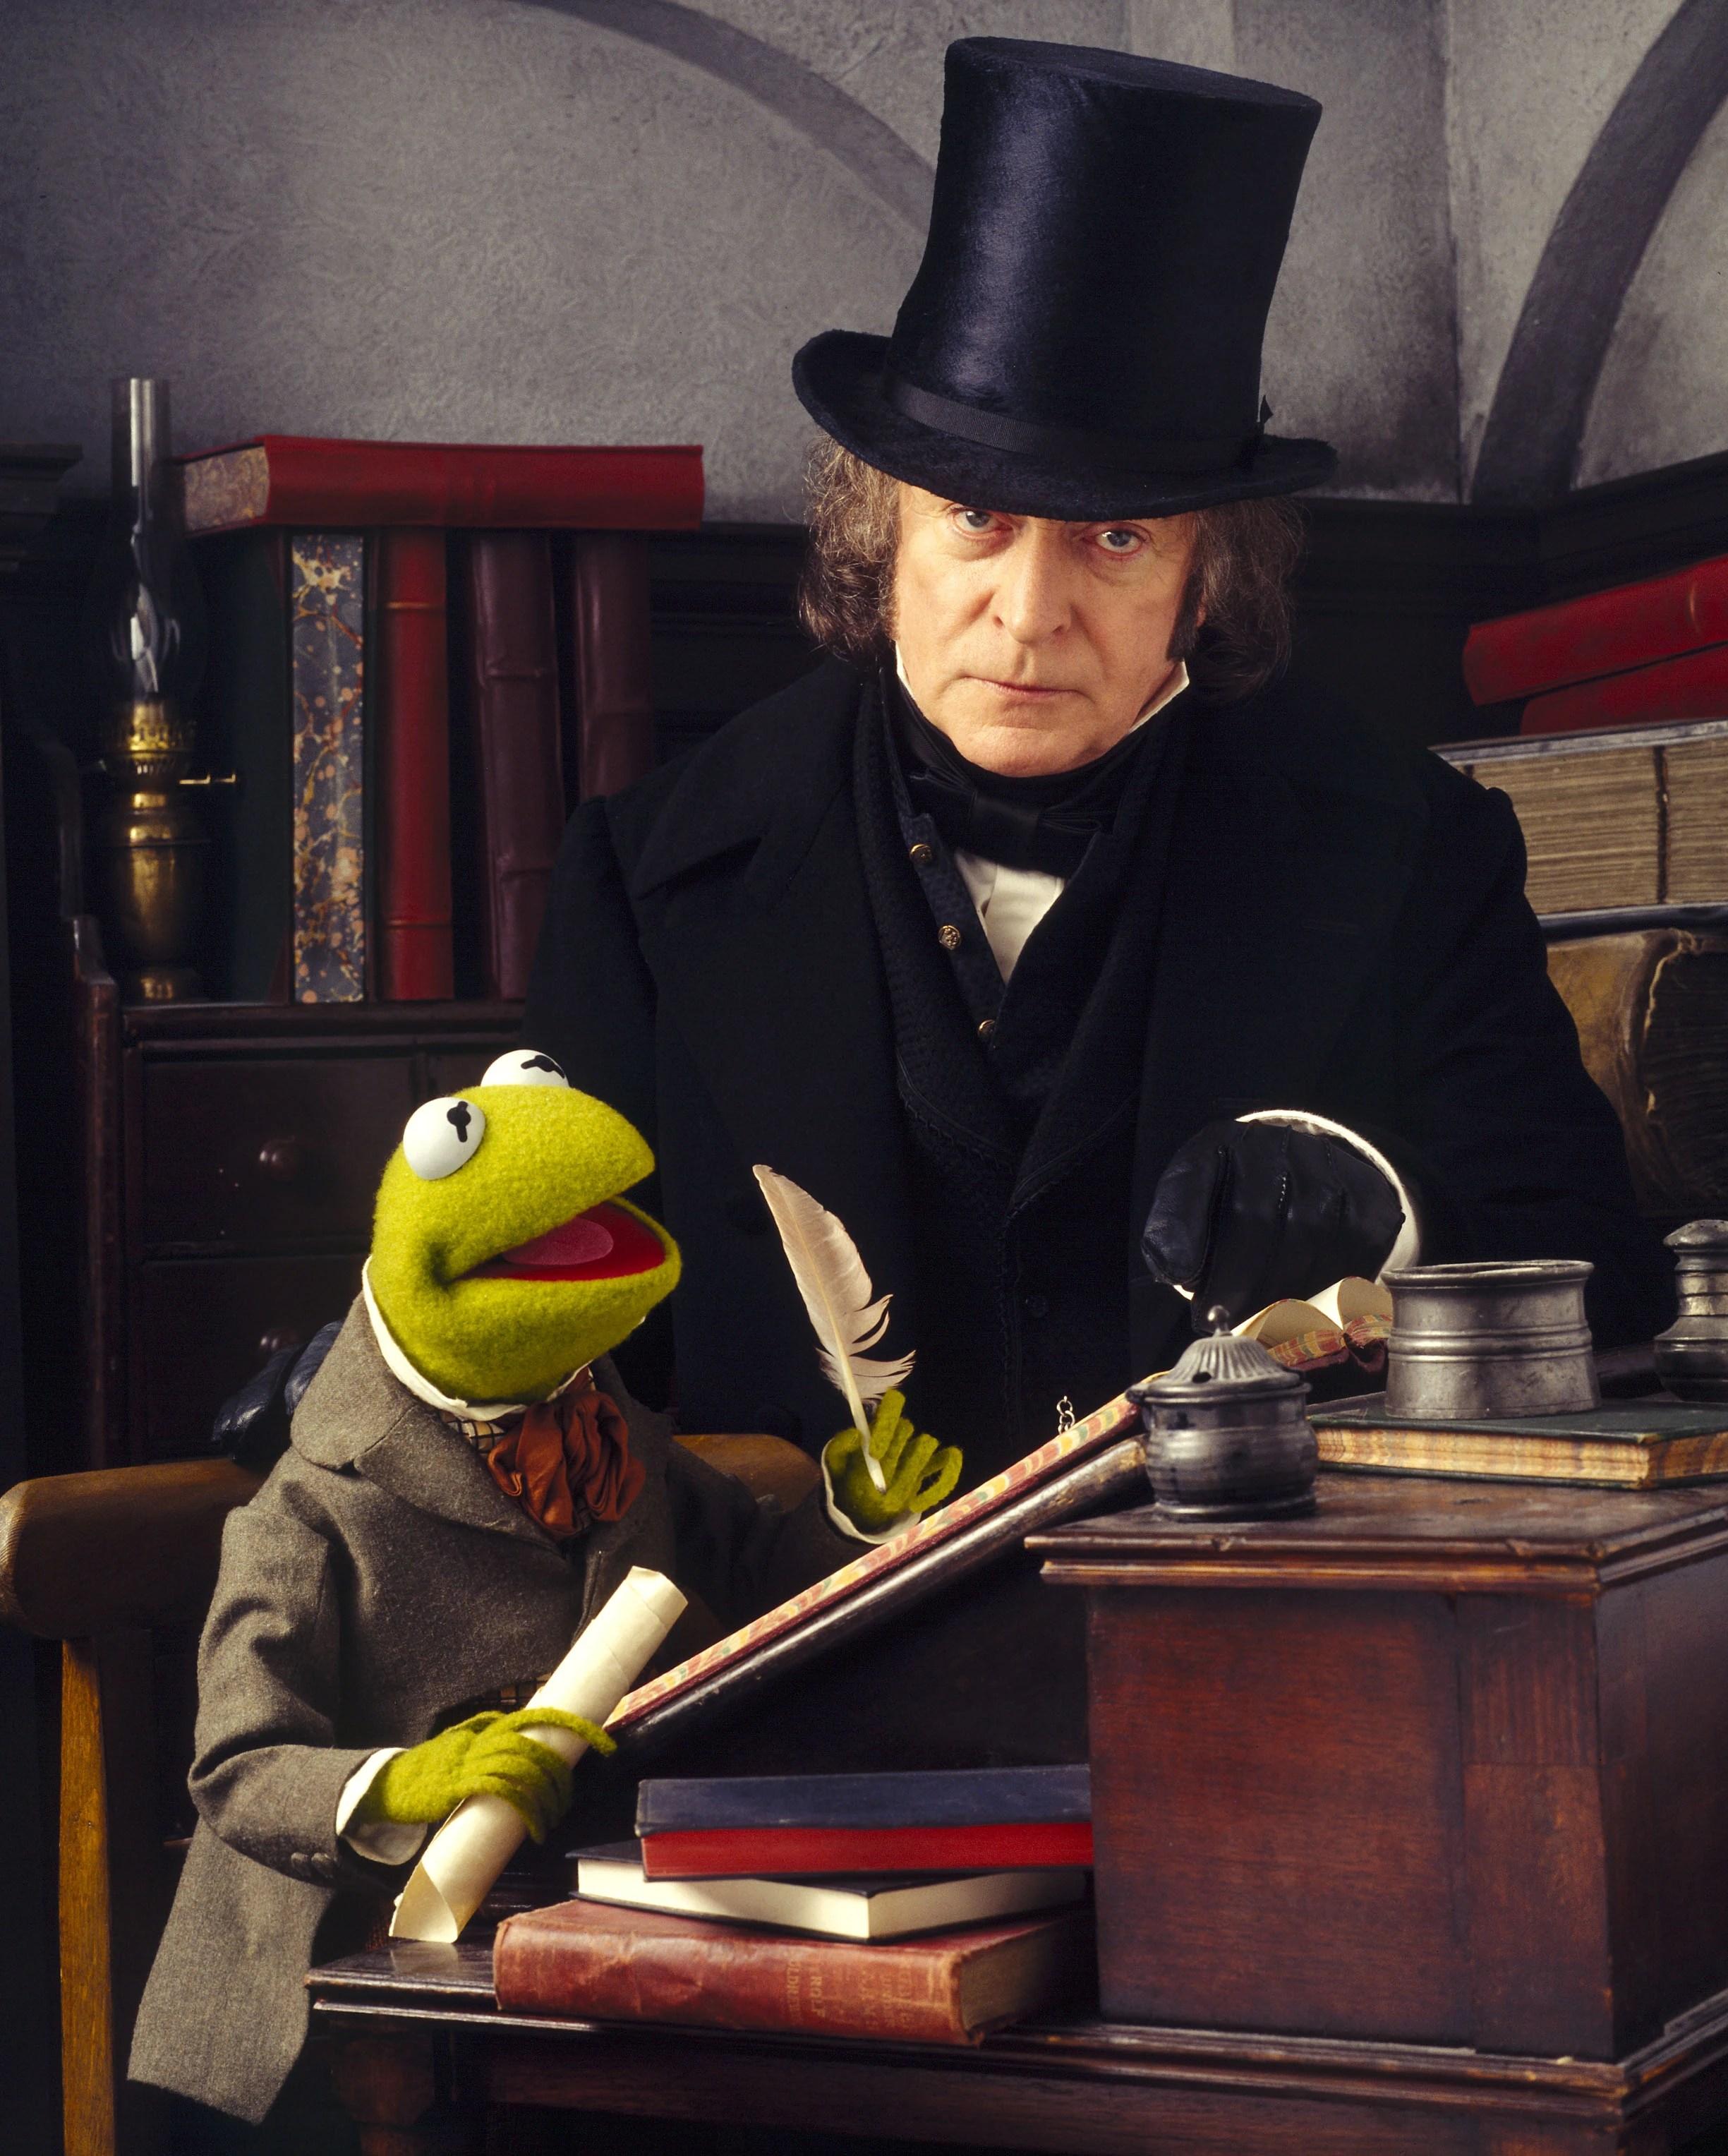 A Muppet Christmas Carol: Weekly Human Wednesday: Ebeneezer Scrooge